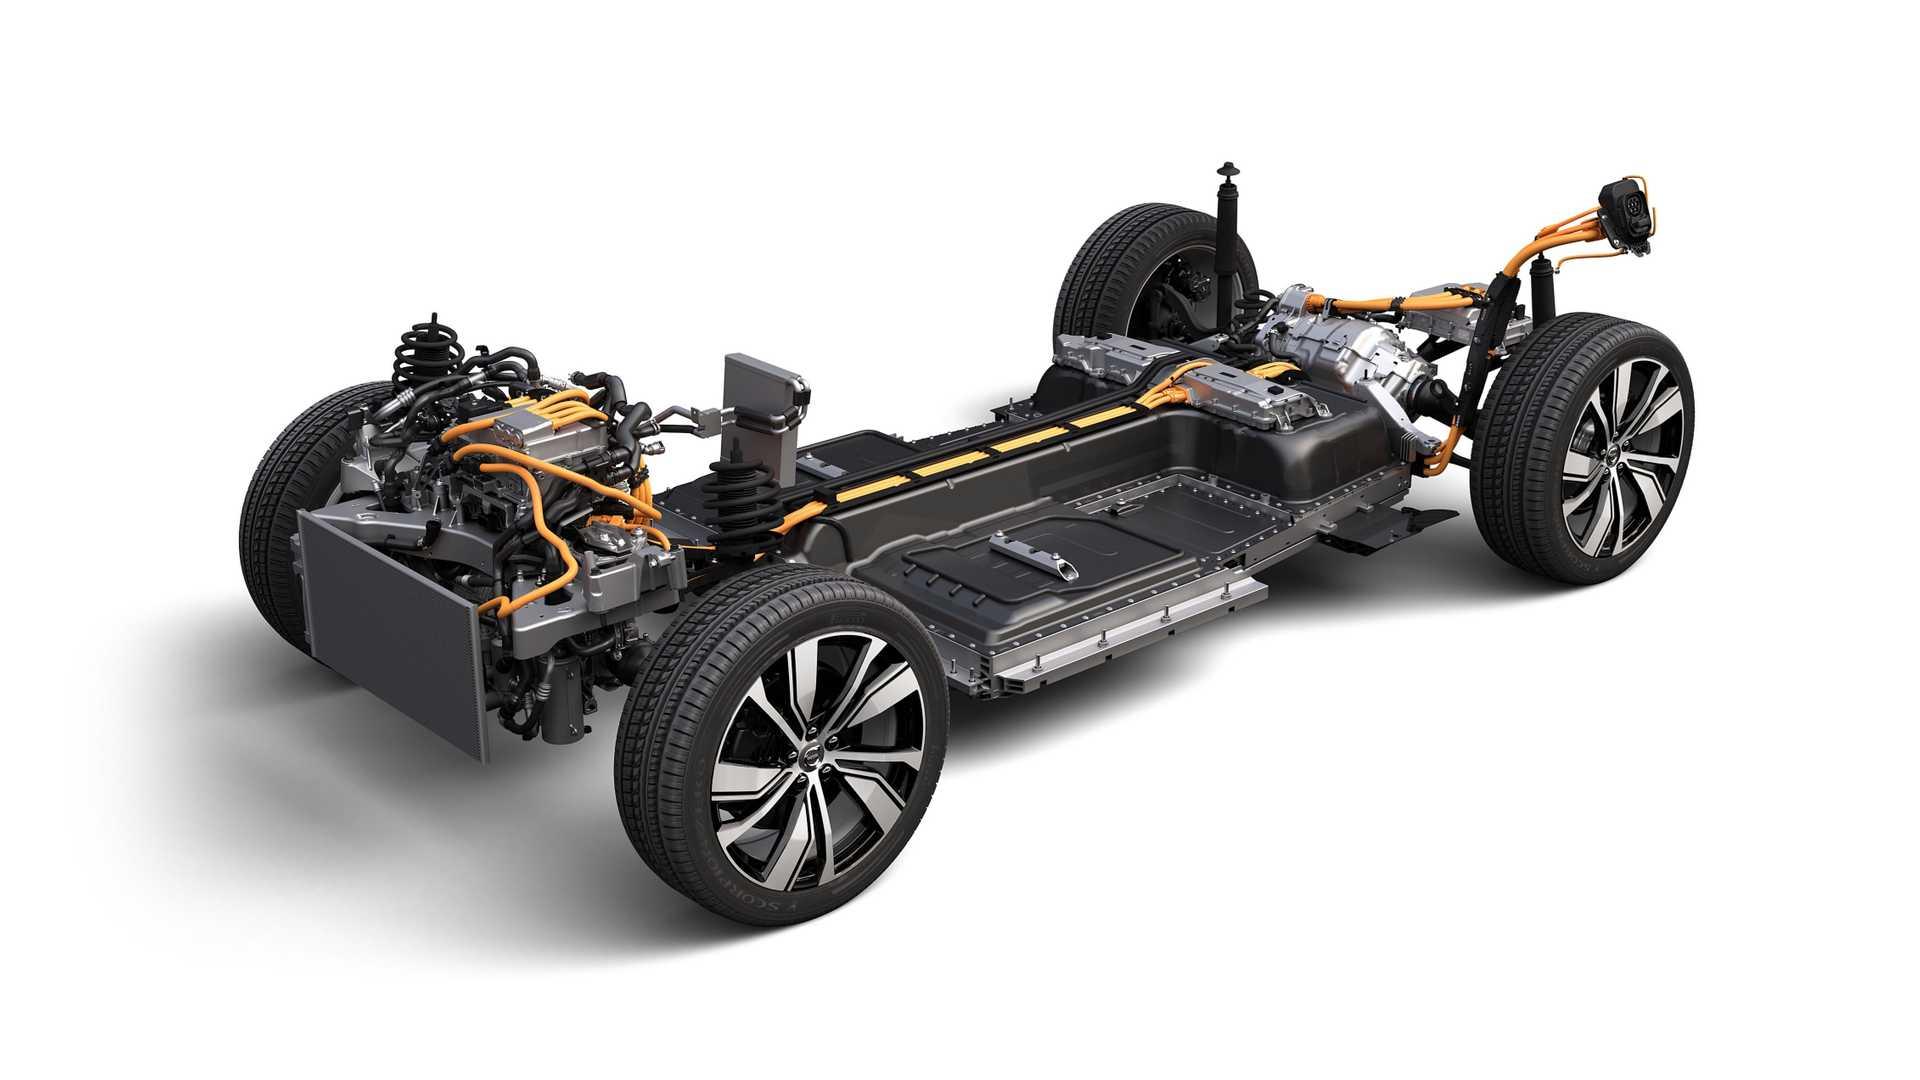 Генеральный директор Volvo считает, что после окончания блокировки будет куплено меньше бензиновых автомобилей